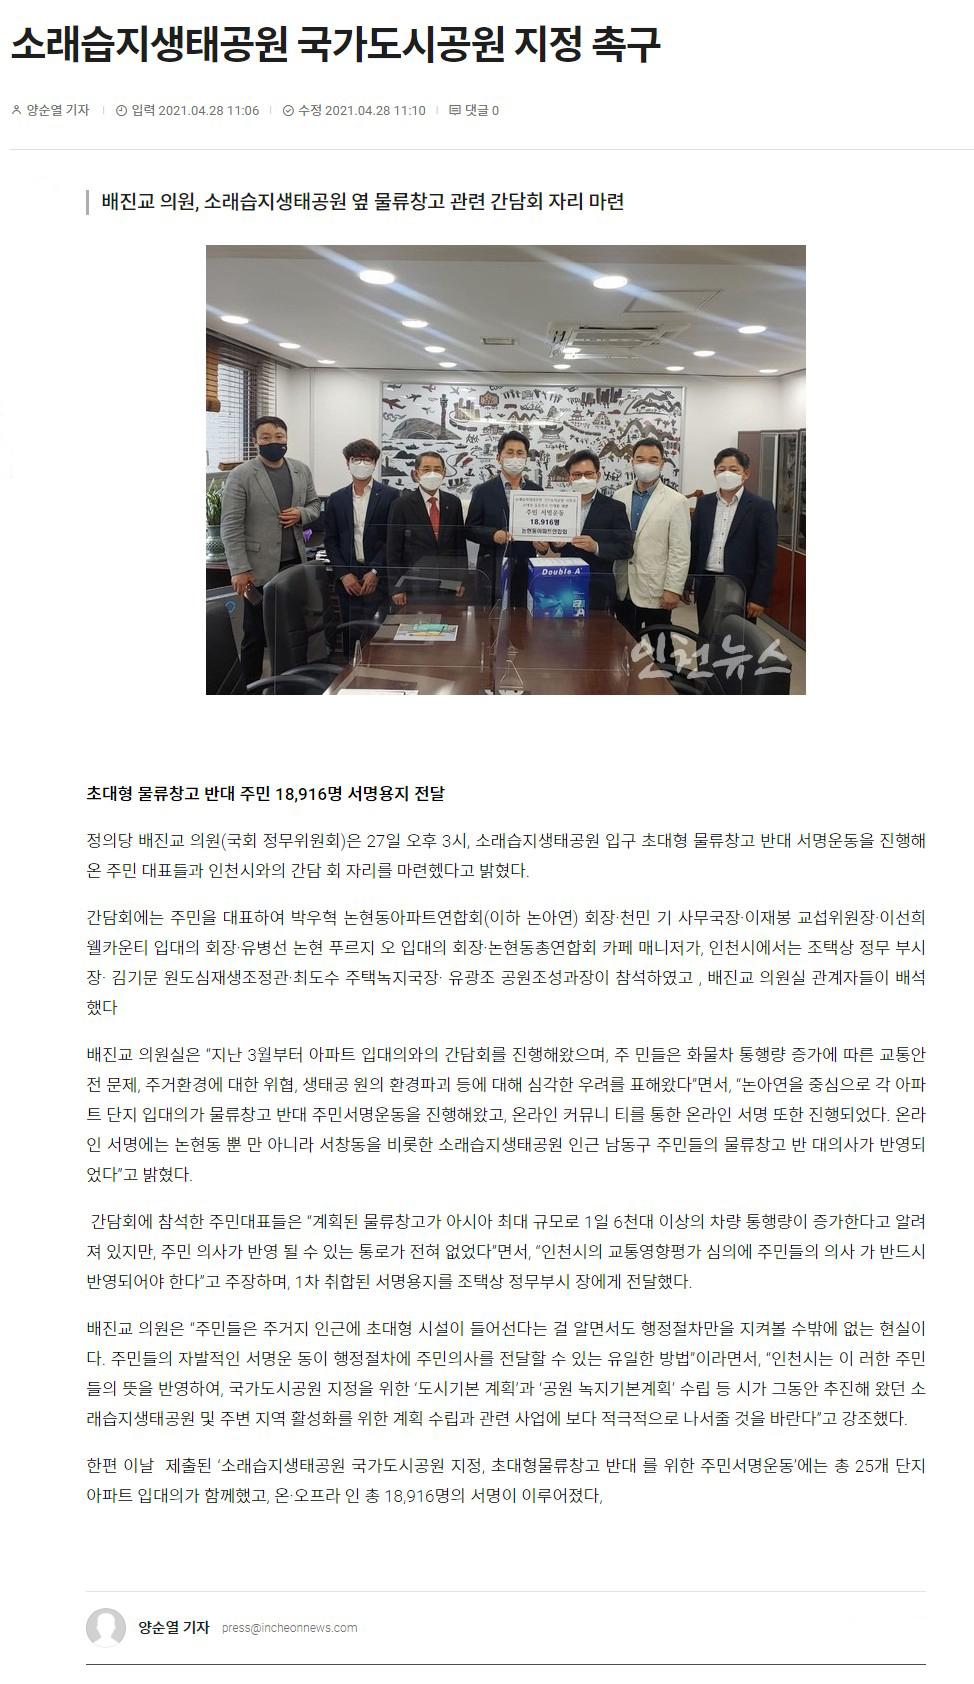 인천뉴스-1.jpg